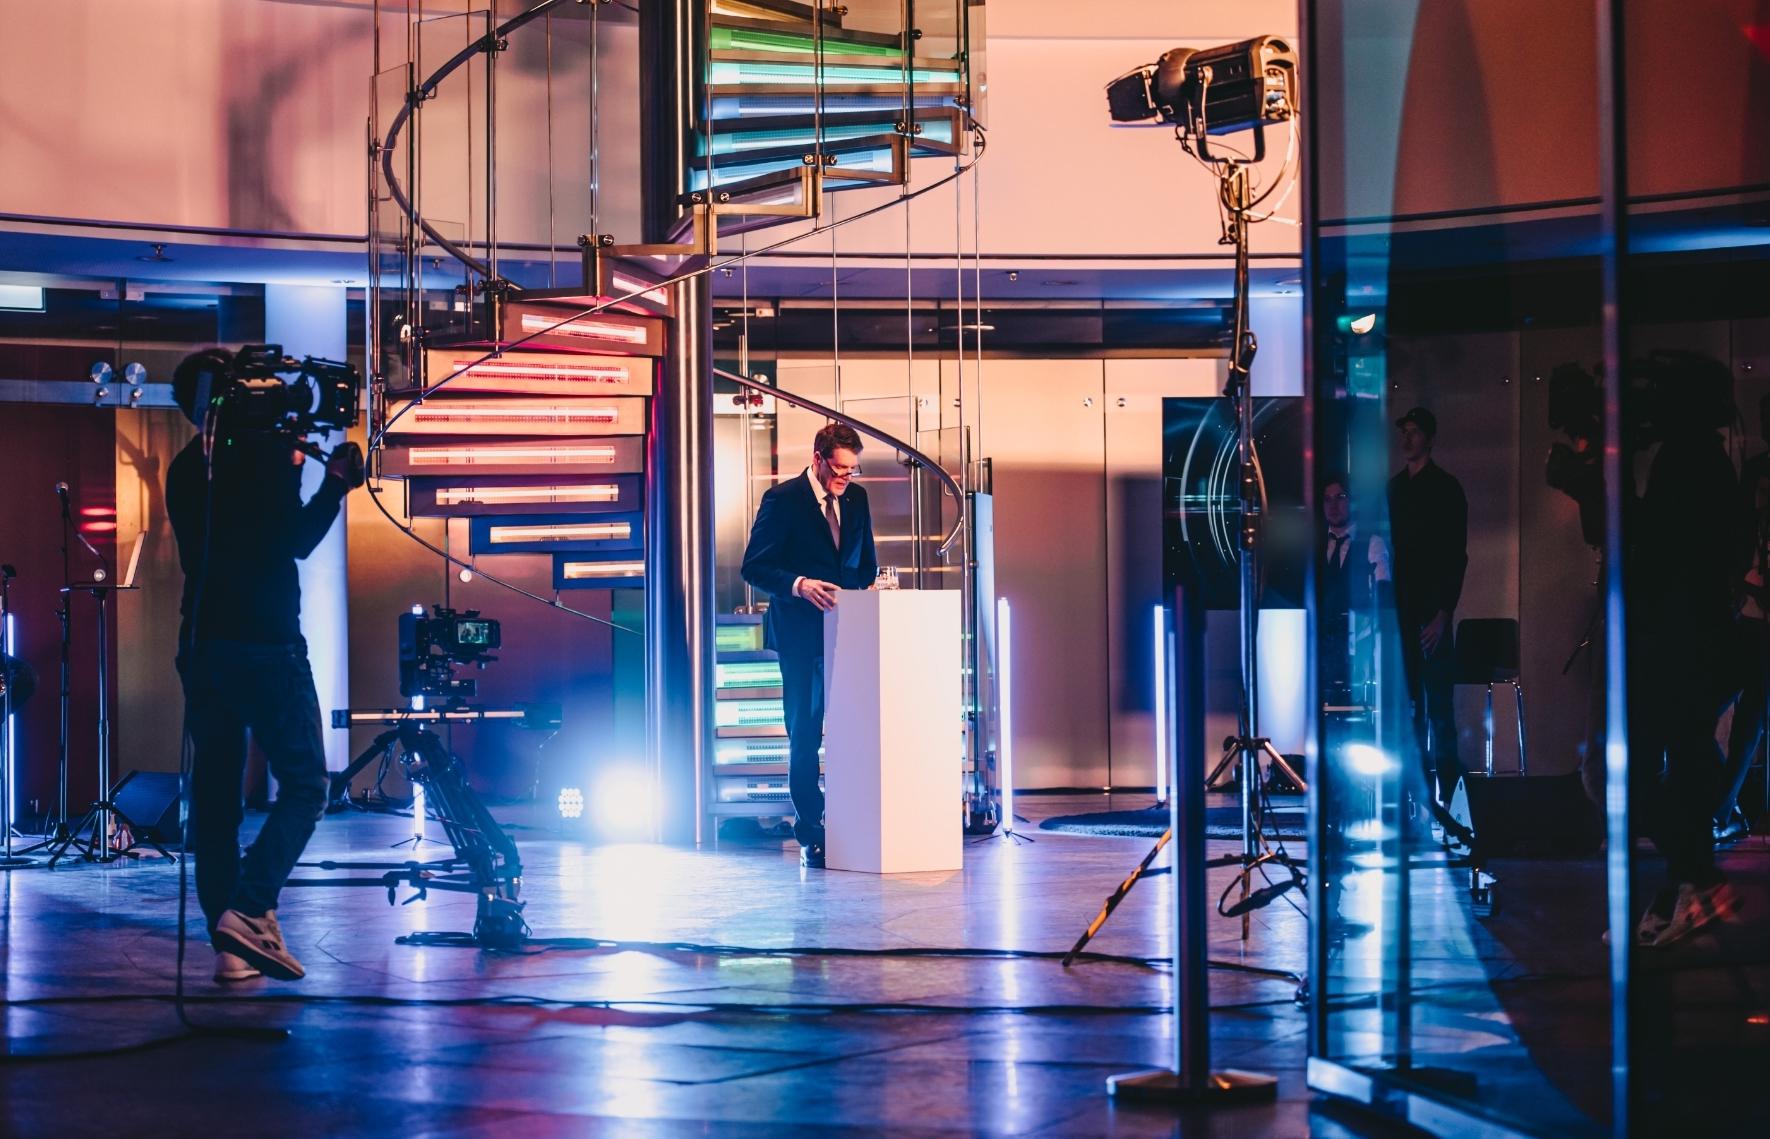 TMP_Veranstaltungstechnik_Corporate_Digitalevent_Livestream_Kameramann_Speaker_Treppe_Braunschweig